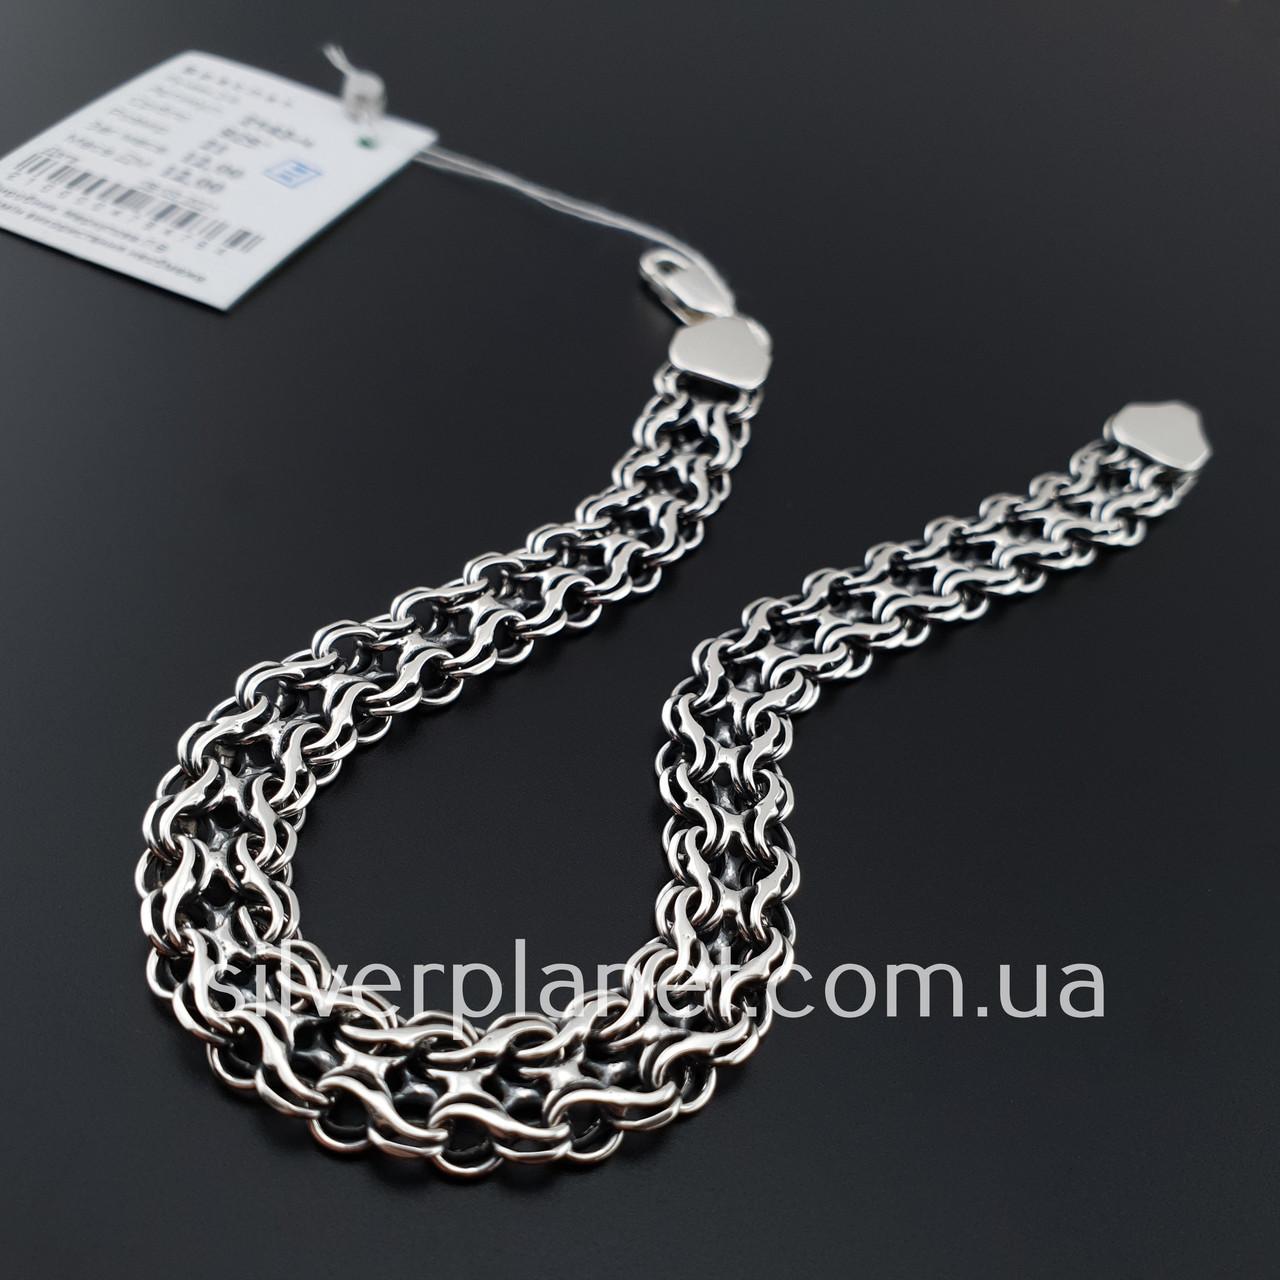 Серебряный браслет двойной ручеек. Ширина 9 мм. Чернёное серебро 925. Длина  21.5 см